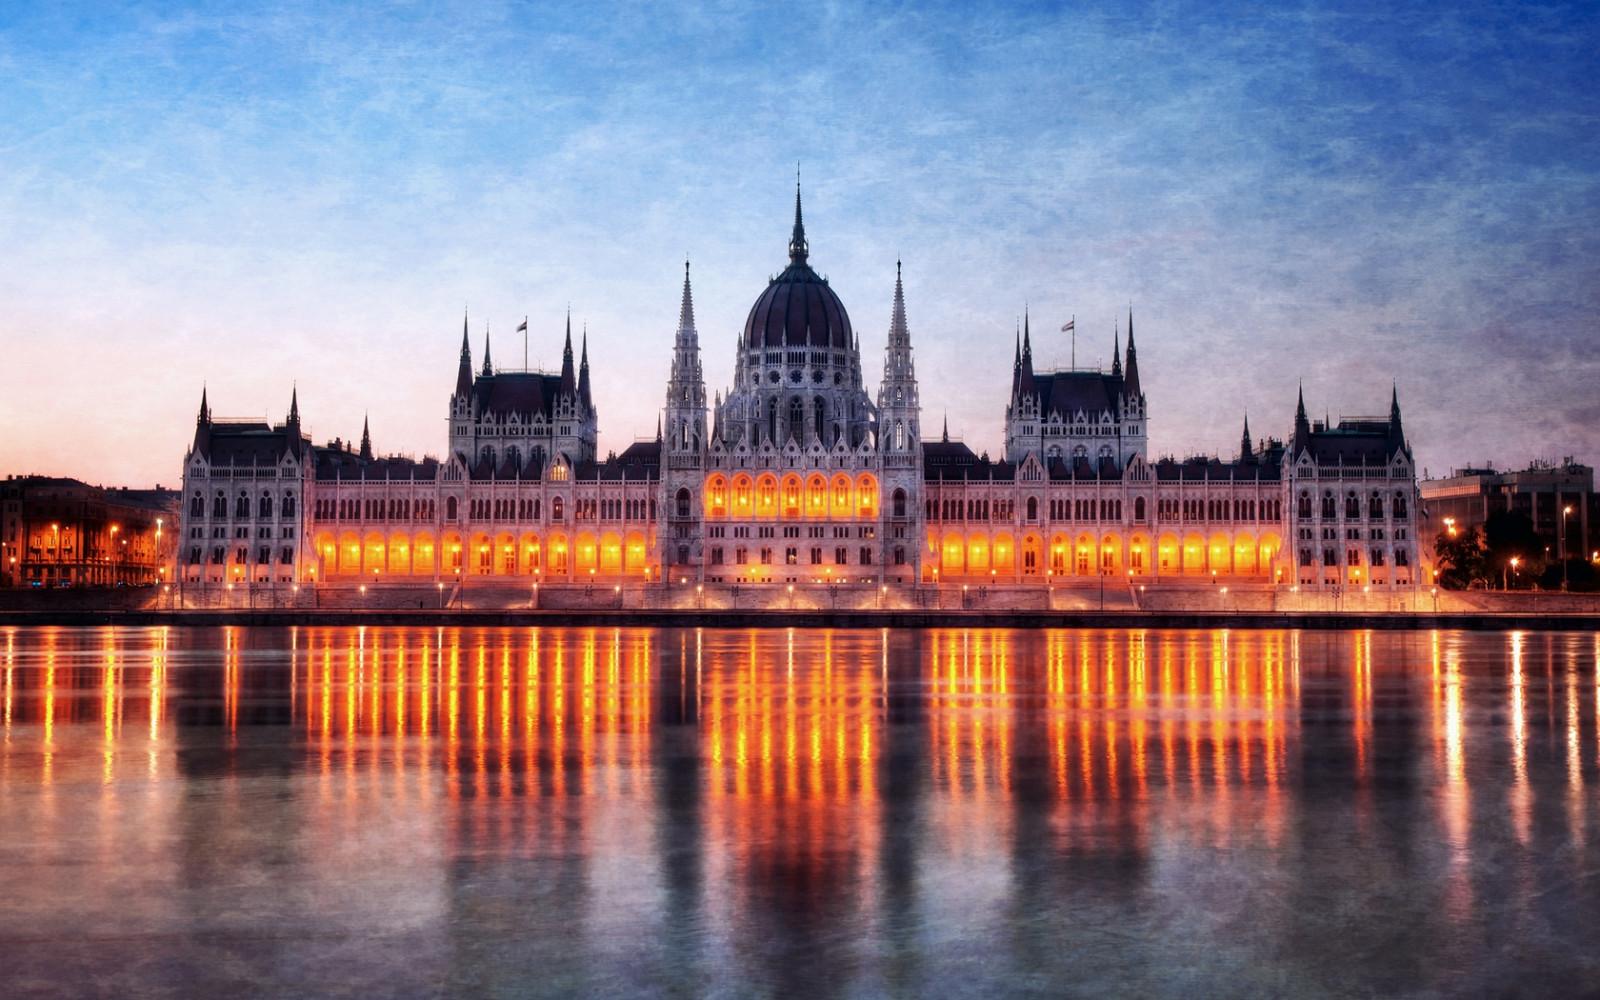 ハンガリー, ブダペスト, 夜, 議会, ライト, 光, 川, ドナウ川, 反射, HDR